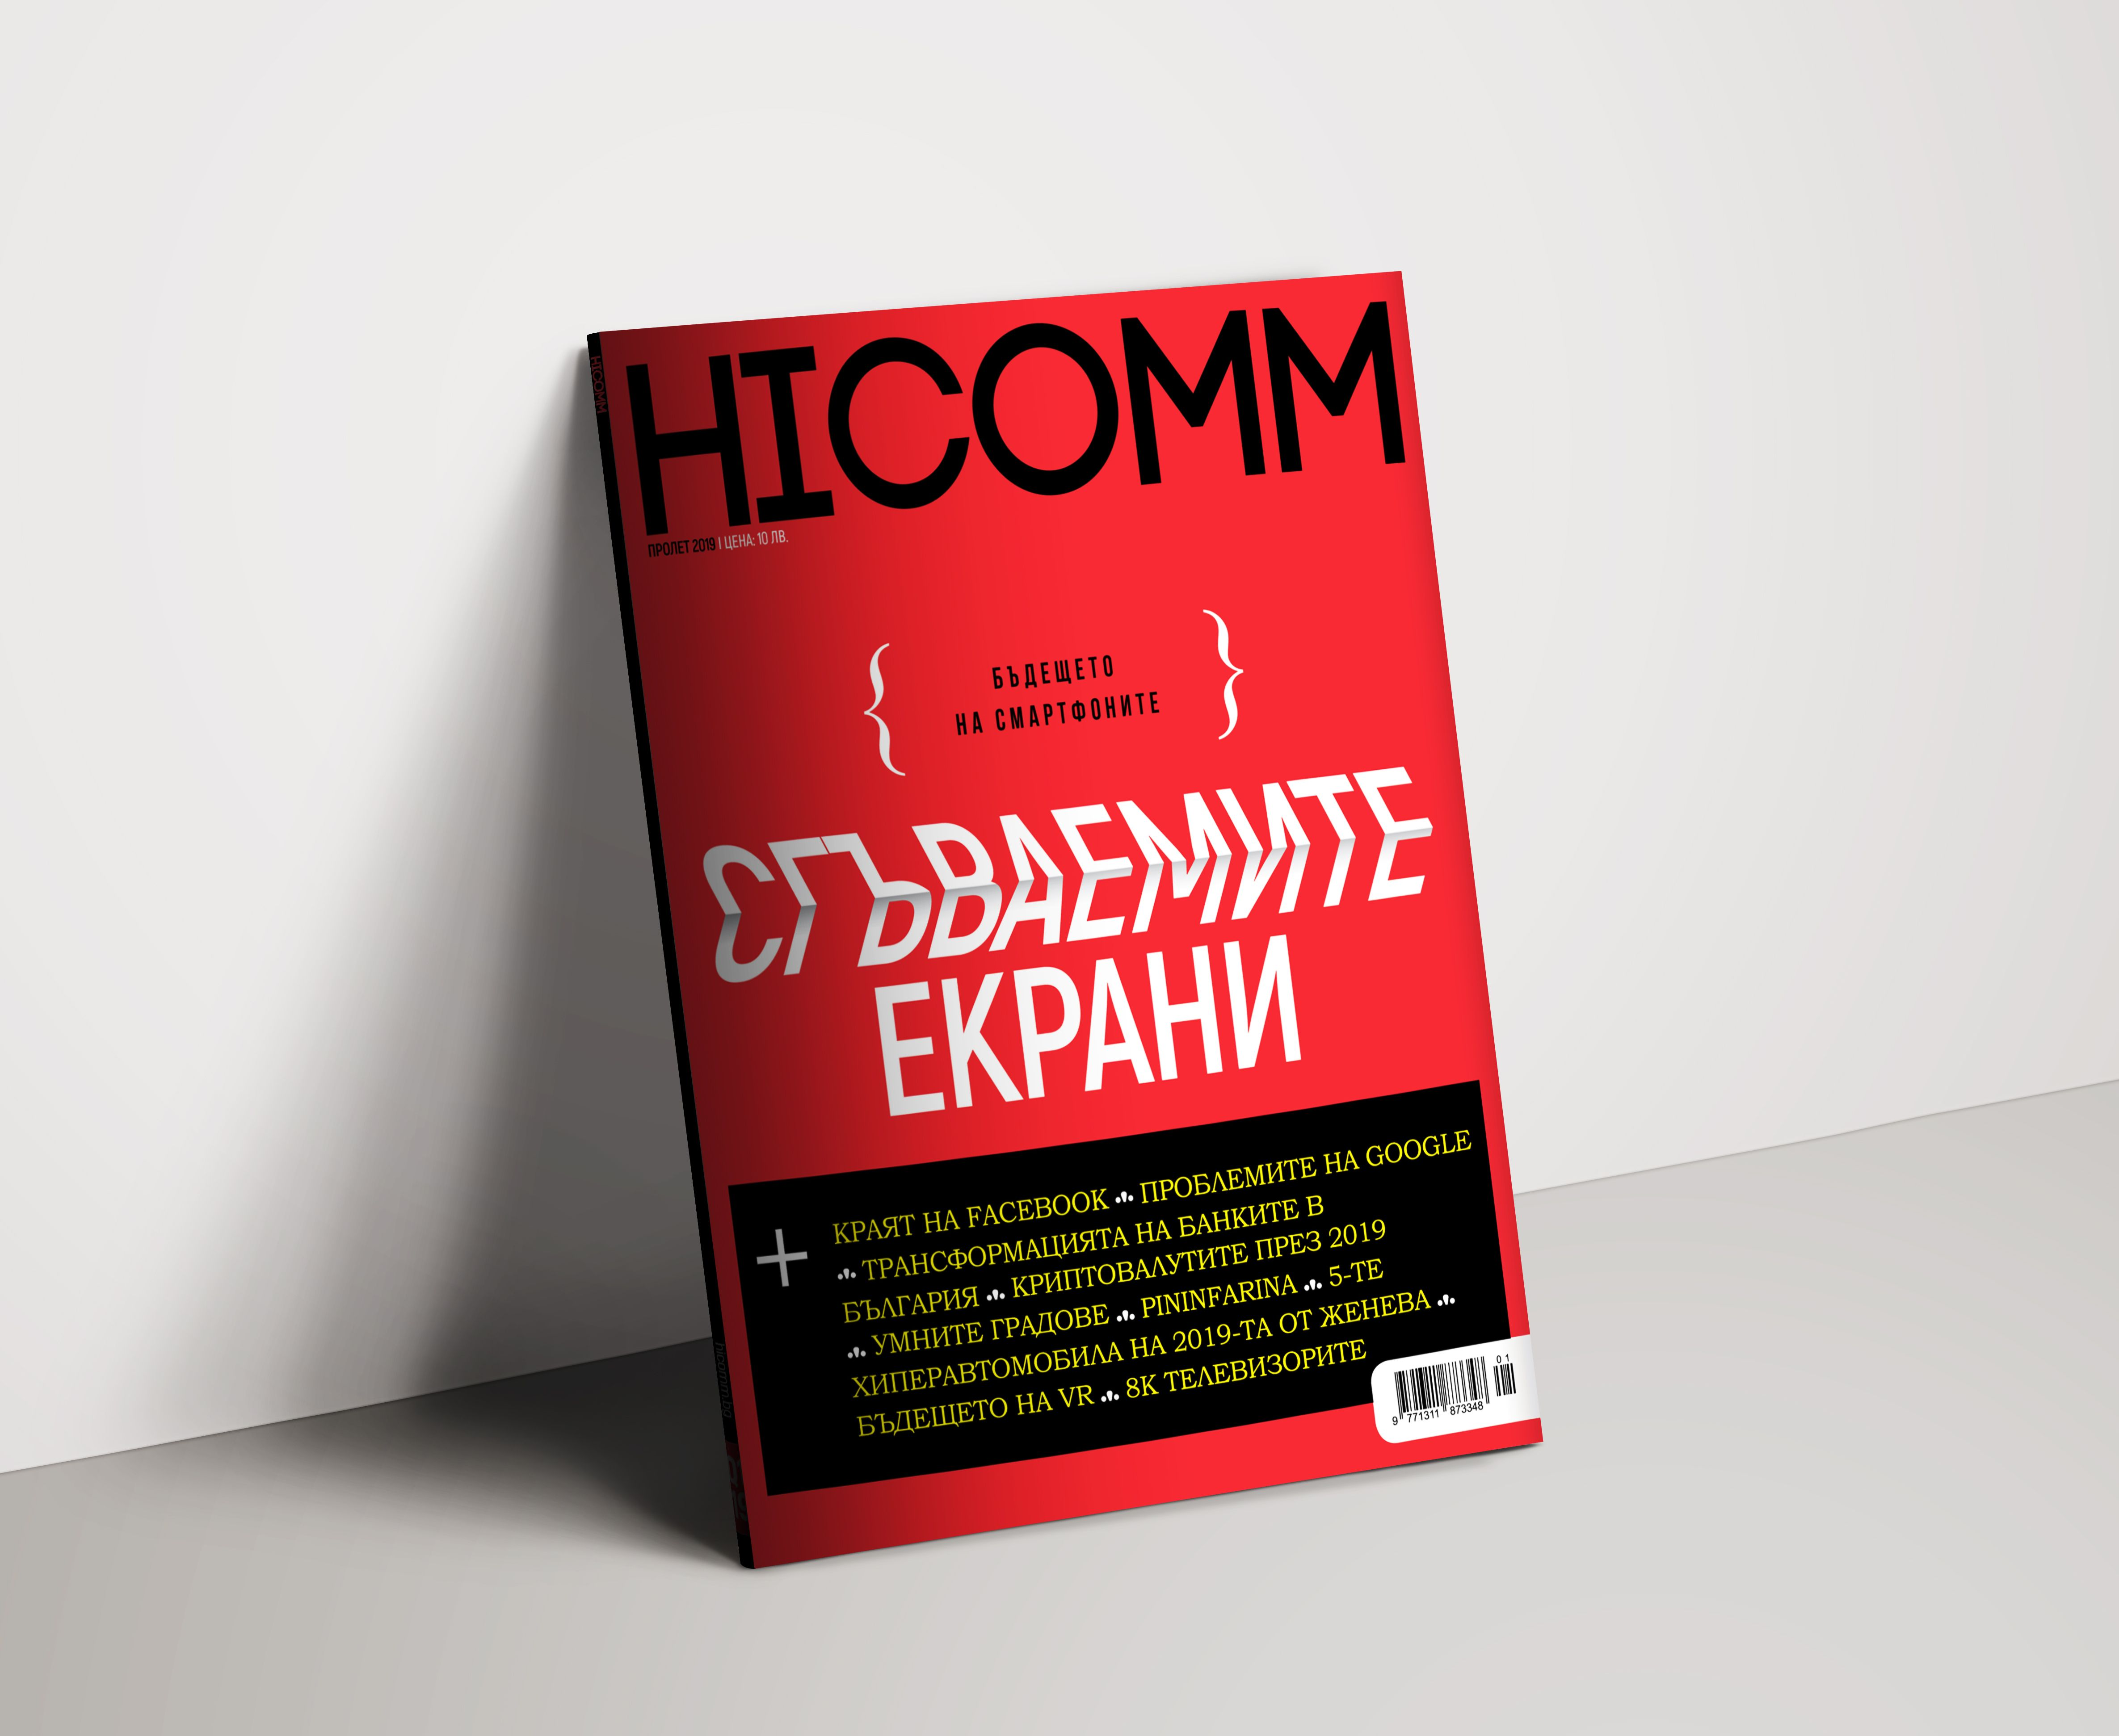 HiComm Пролет 2019: Списание за нови технологии и комуникации - брой 211 - 2